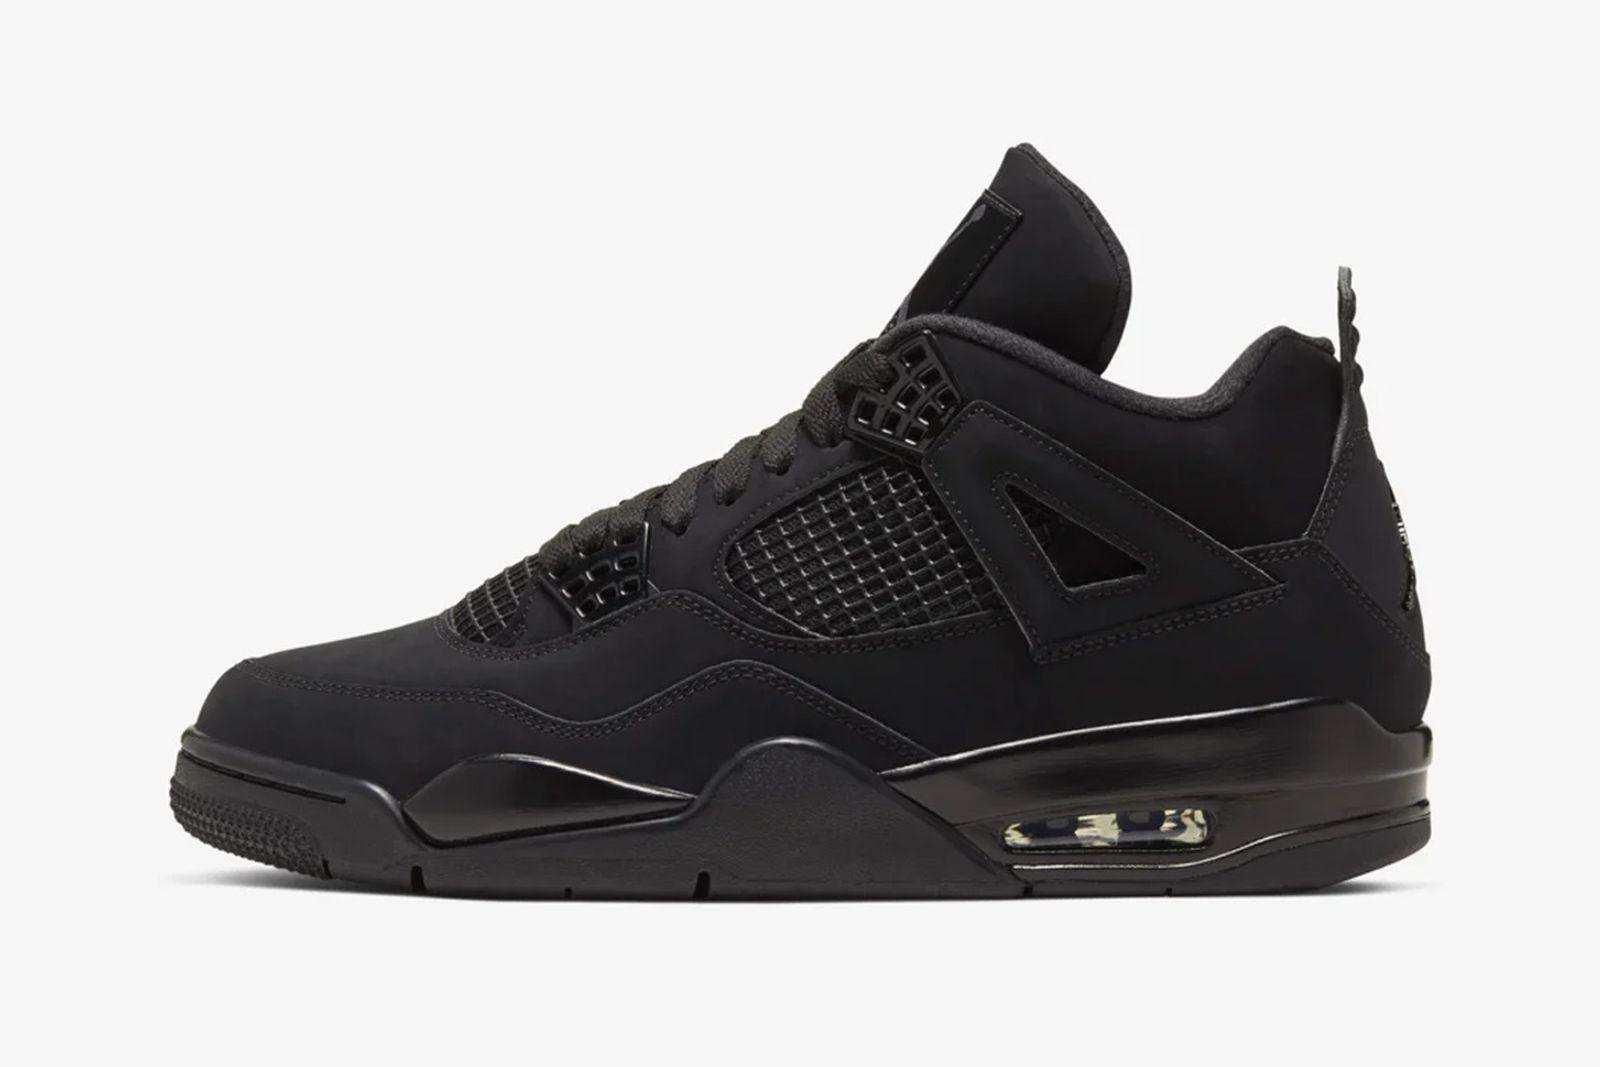 nike-air-jordan-4-black-cat-release-date-price-official-03